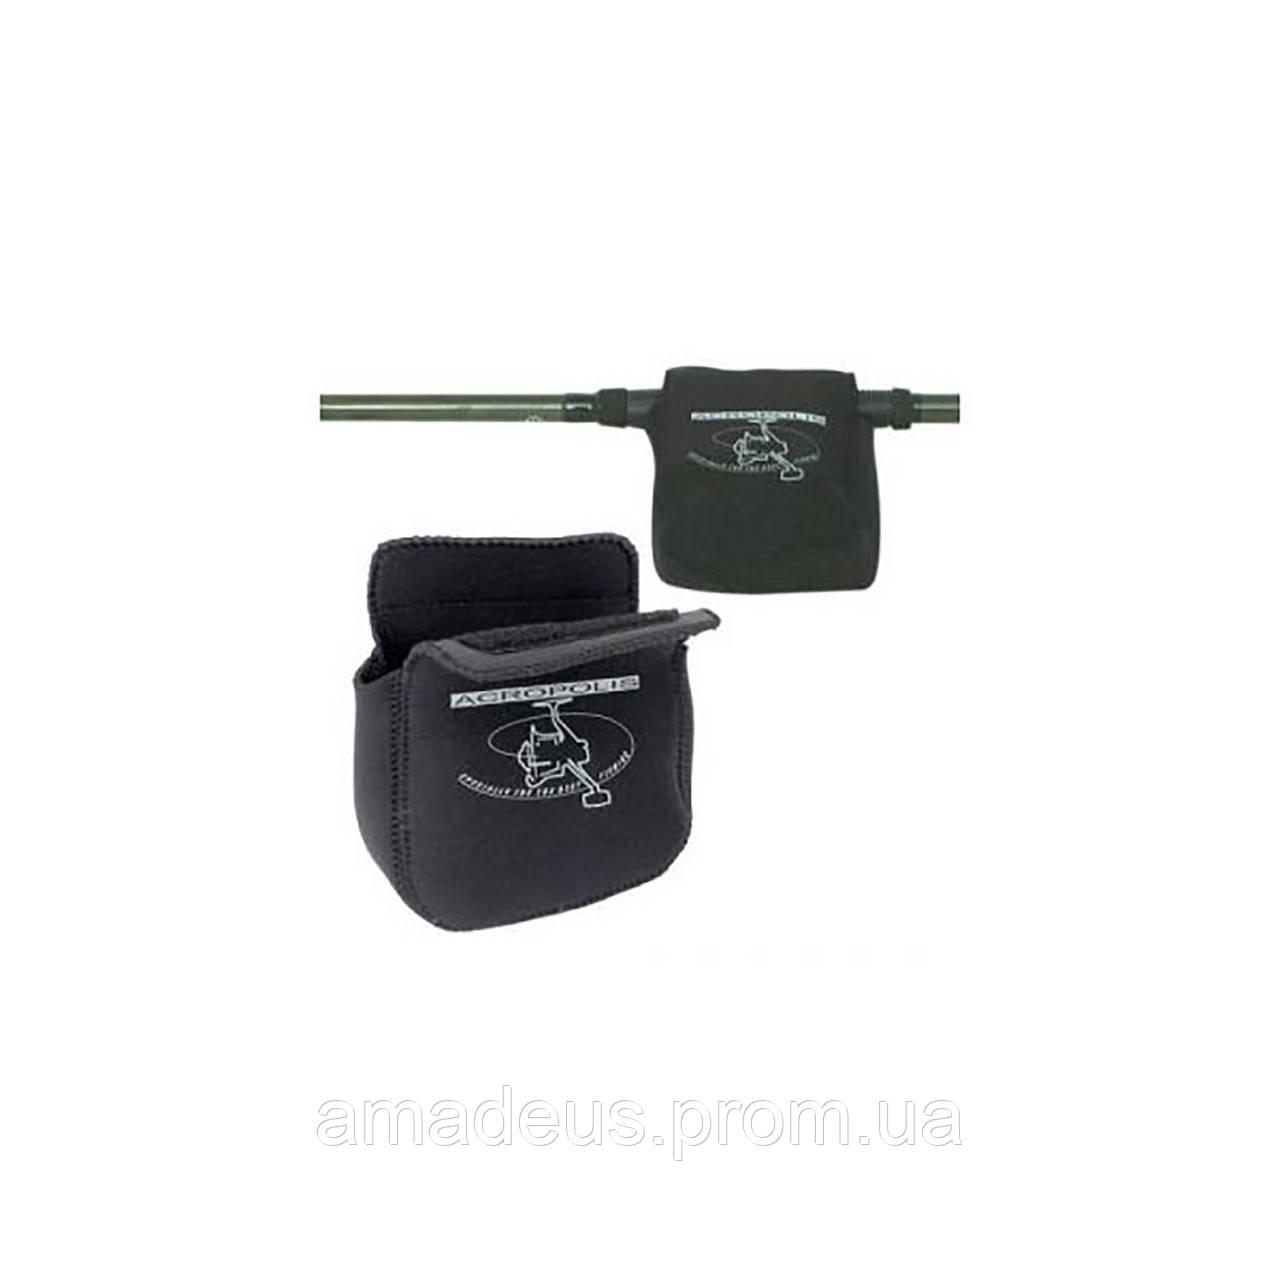 Футляр для катушек со шпулей №5000 ФБК-5н